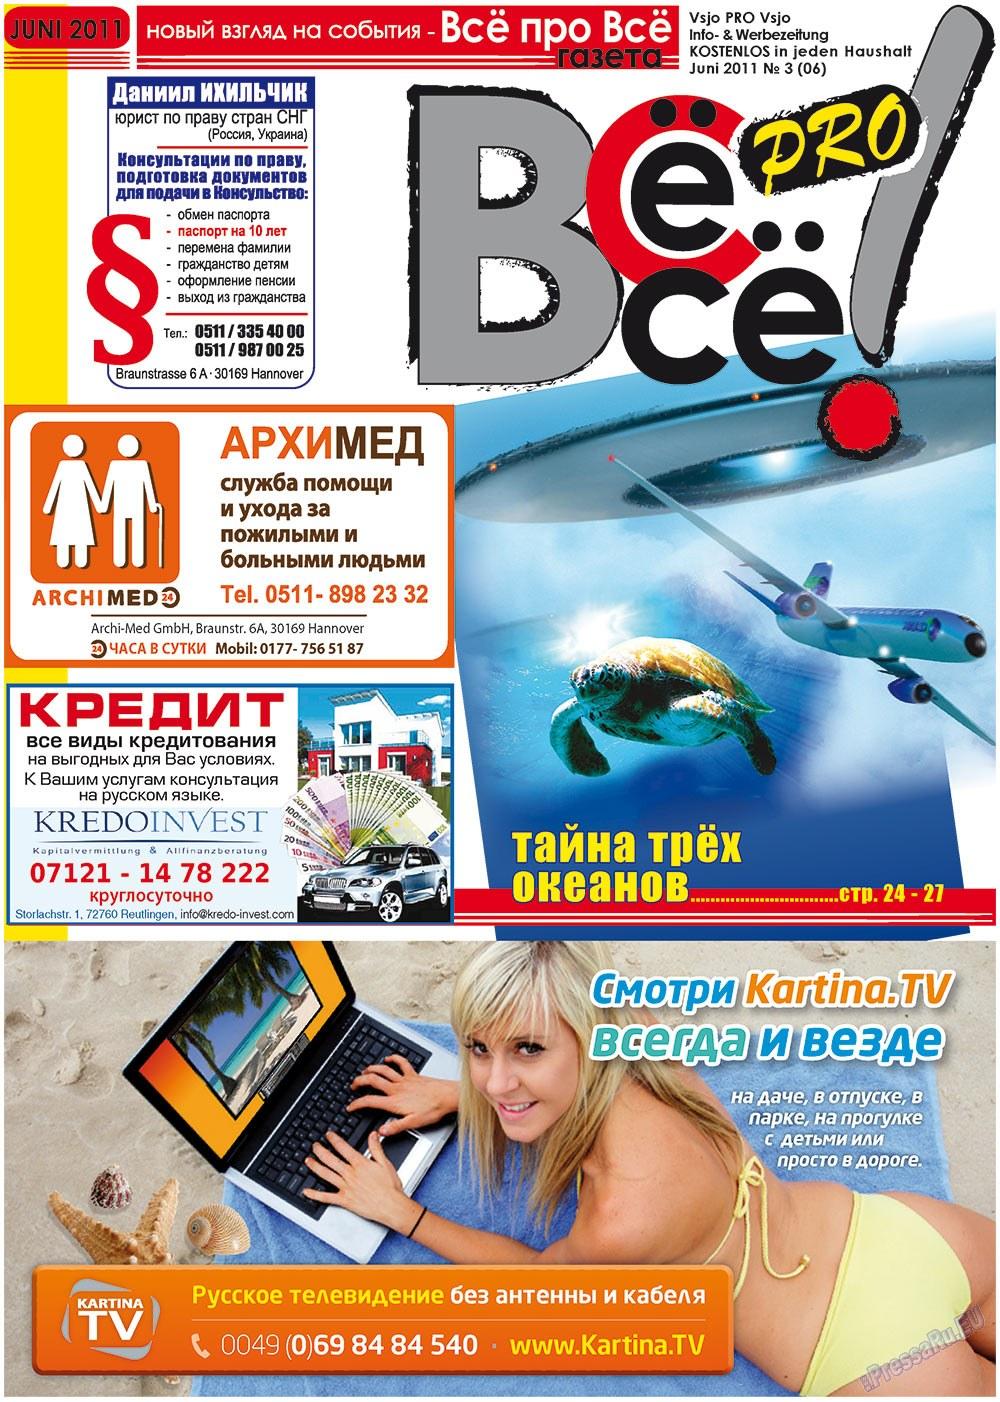 Все pro все (газета). 2011 год, номер 3, стр. 1